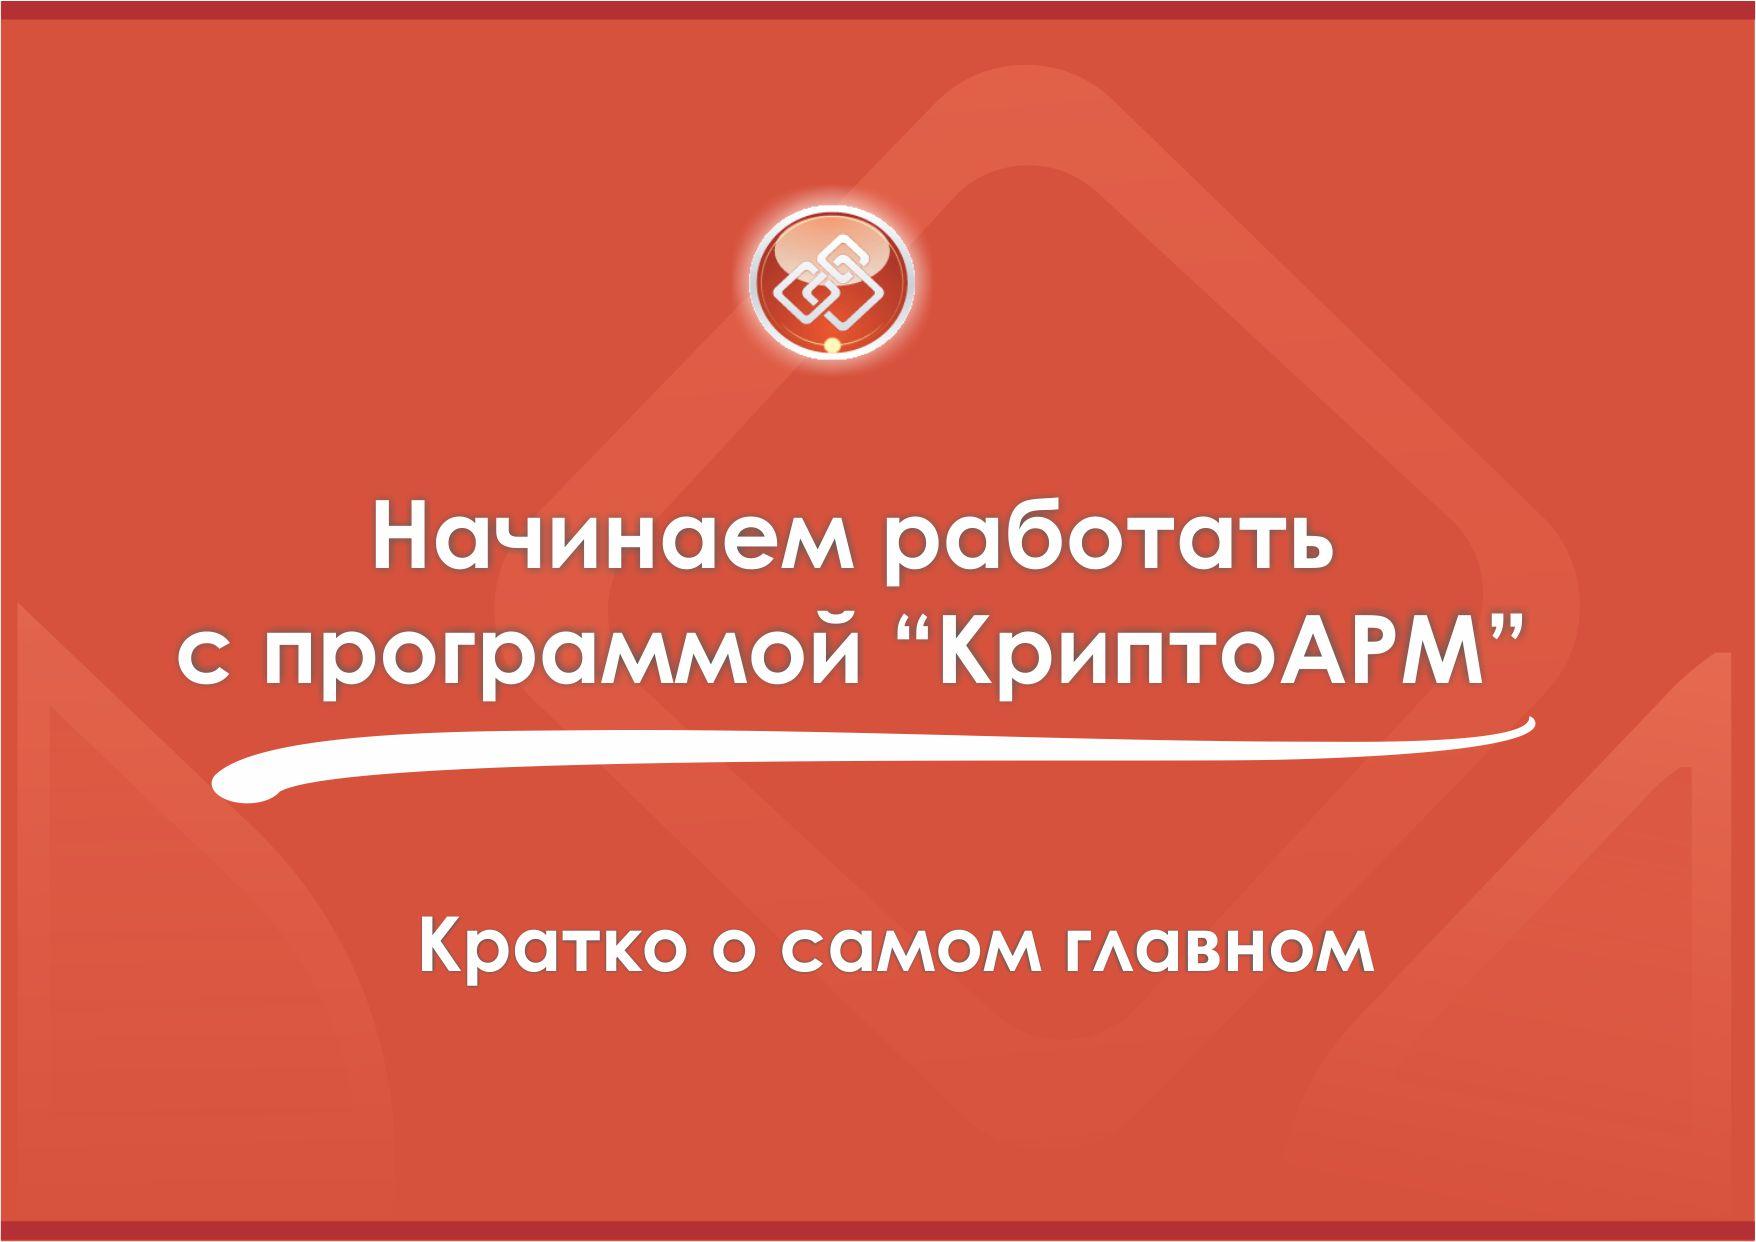 Kratkoe_rukovodstvo_1